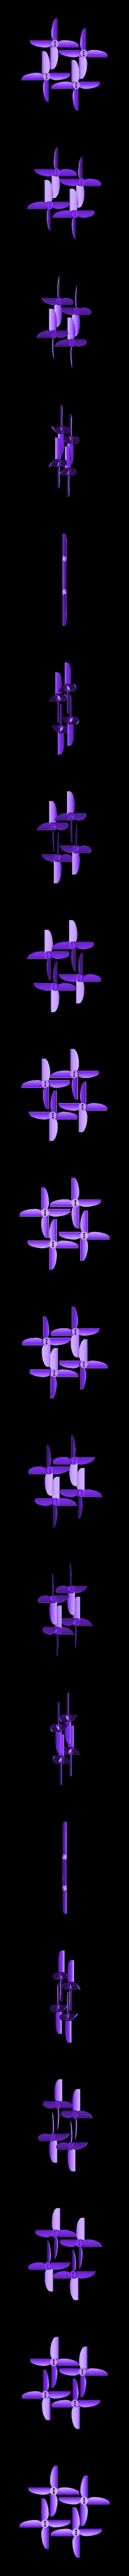 RHR-25_quad_V6_4pack.stl Télécharger fichier STL gratuit RHR-25 Hélice pour quadricoptère de 2,5 po • Modèle pour impression 3D, Gophy